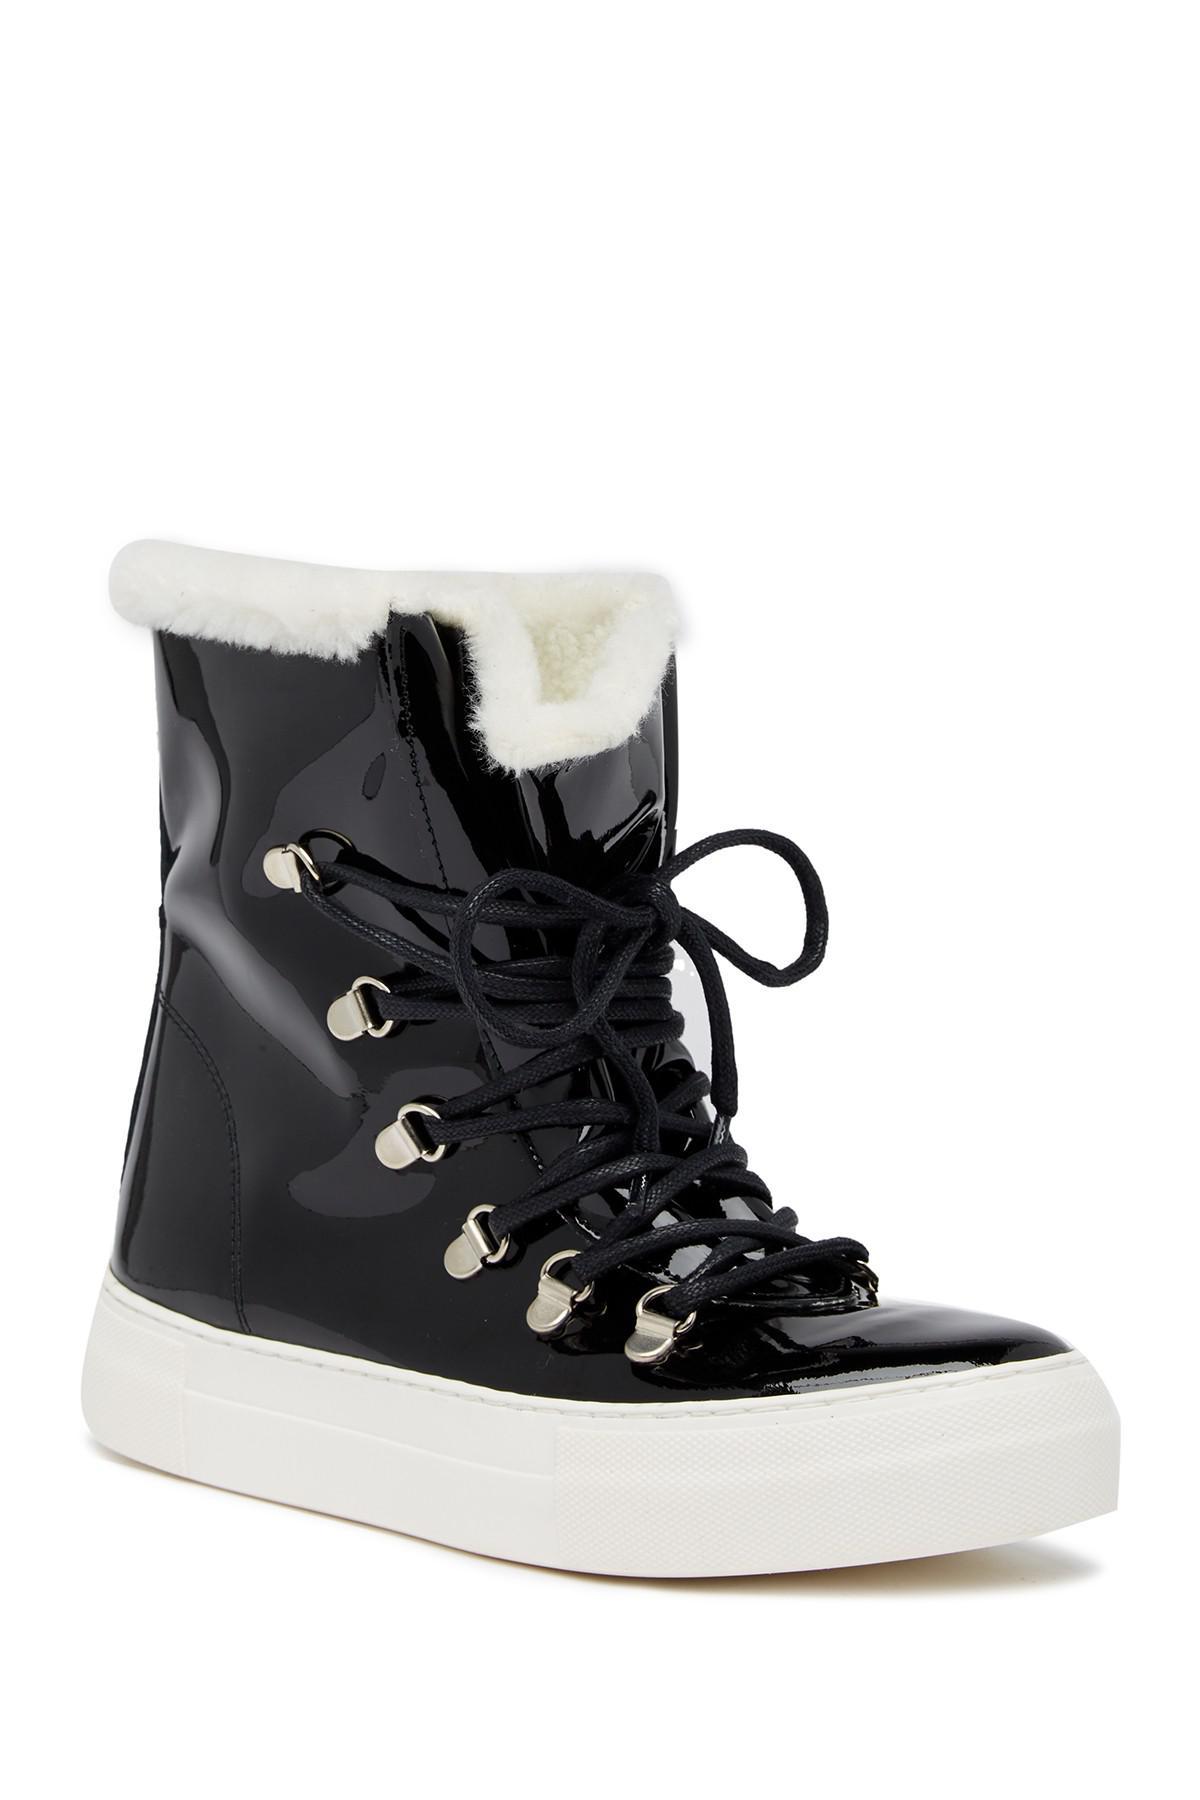 Jeffrey Campbell Cimone Faux Fur Lined Boot eJcleX